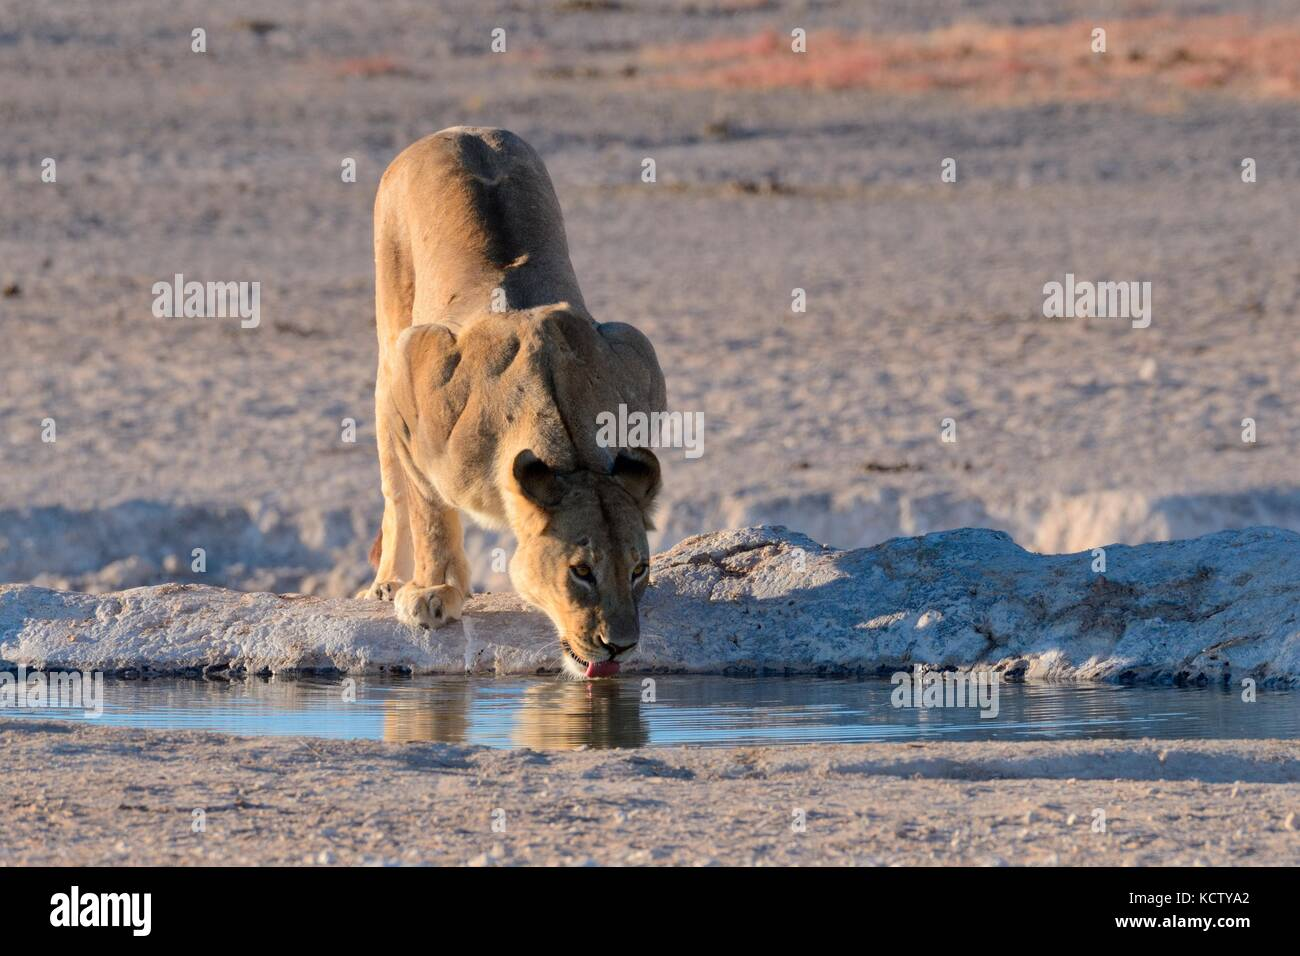 Lioness (Panthera leo) de boire à un point d'eau, lumière du matin, Etosha National Park, Namibie, Afrique Banque D'Images